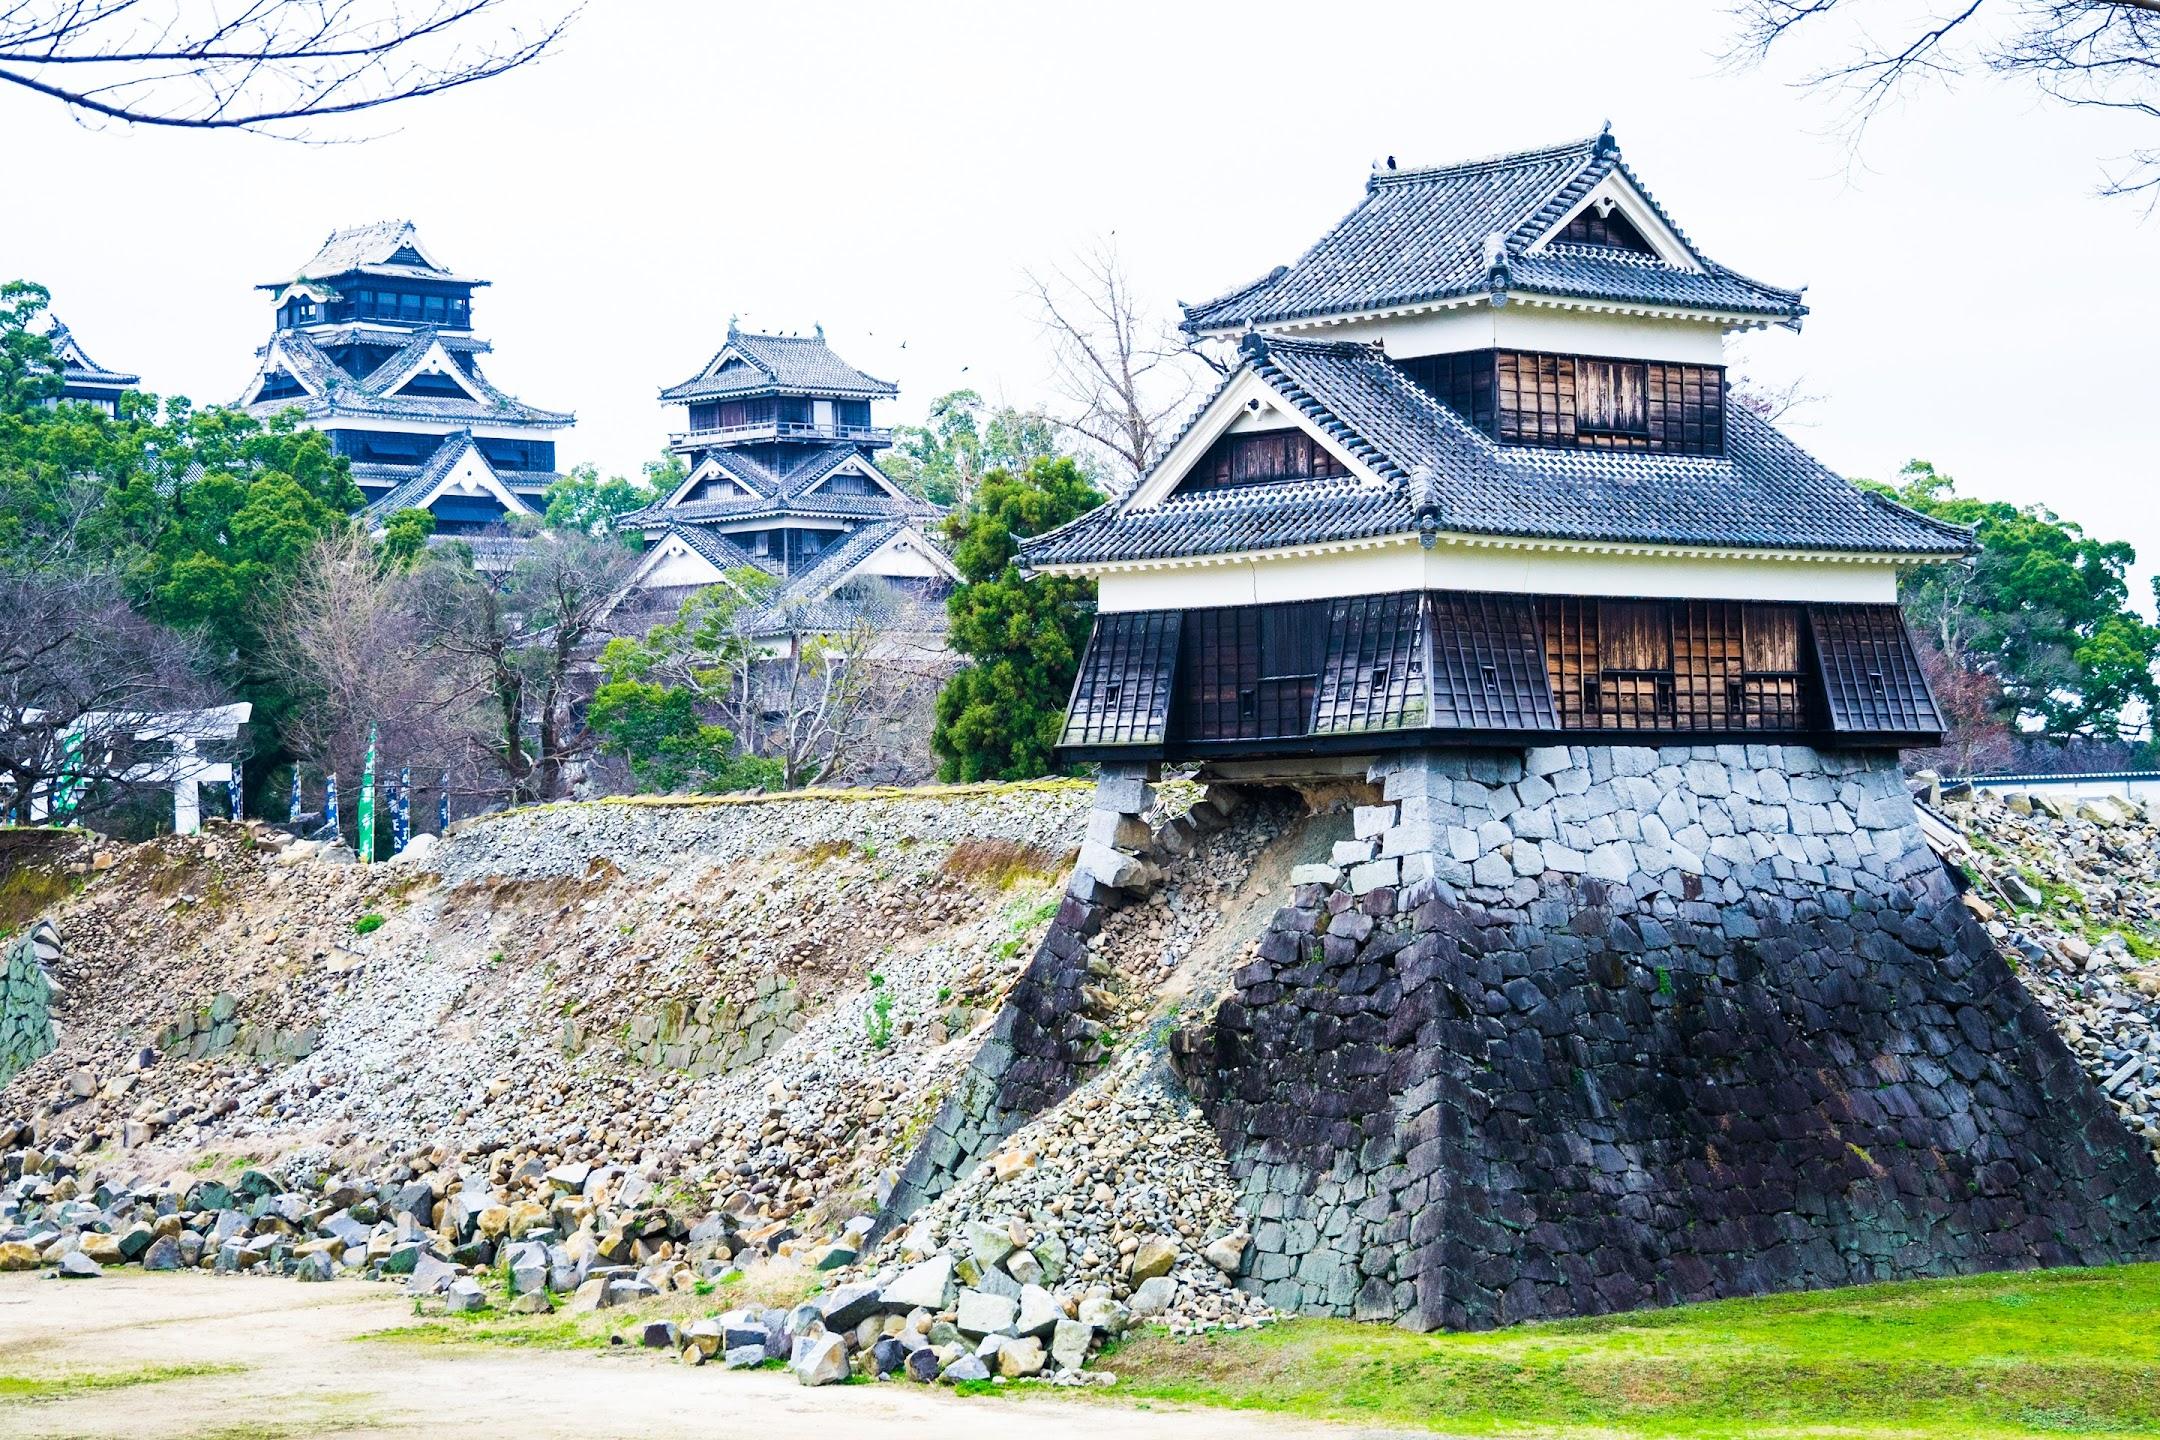 熊本城 二の丸広場 戌亥櫓